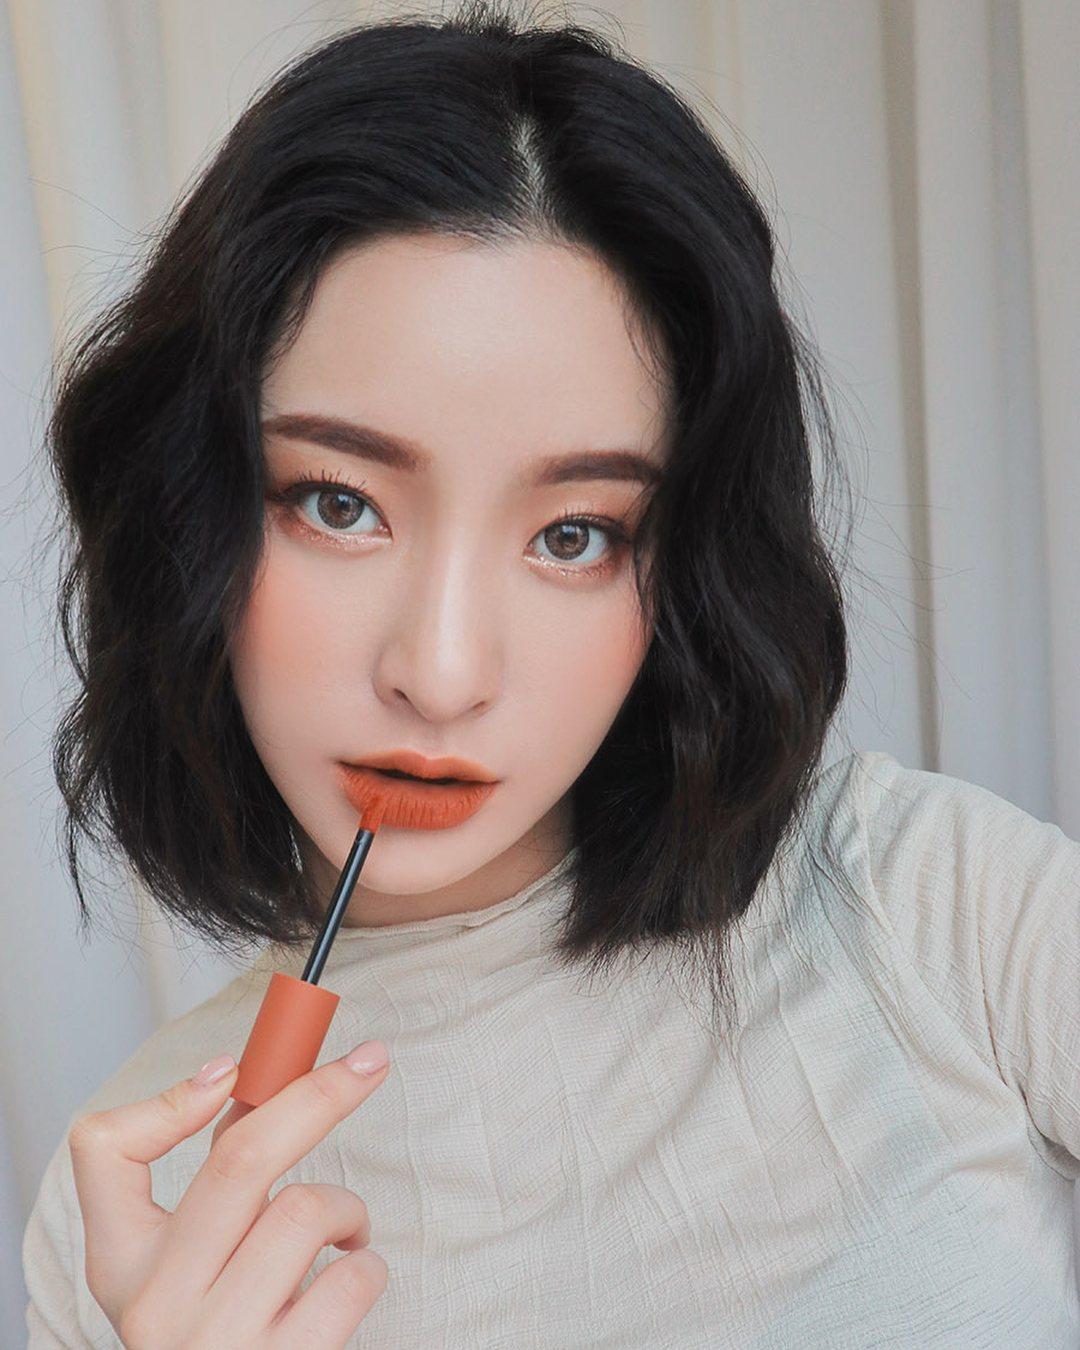 7.口紅絕對不會只有一隻: 通常口紅數量比較少的女孩對於化妝的關心度比較沒有那麼大,對於韓國女生來說,口紅絕對是化妝包內必備的單品,就算忘記帶出門,也會立刻去商店買一隻,常常都會是,家裡放很多隻、身上帶5、6隻、公司也放個2、3隻的情況,一支口紅打天下的情況實在很少見啊!